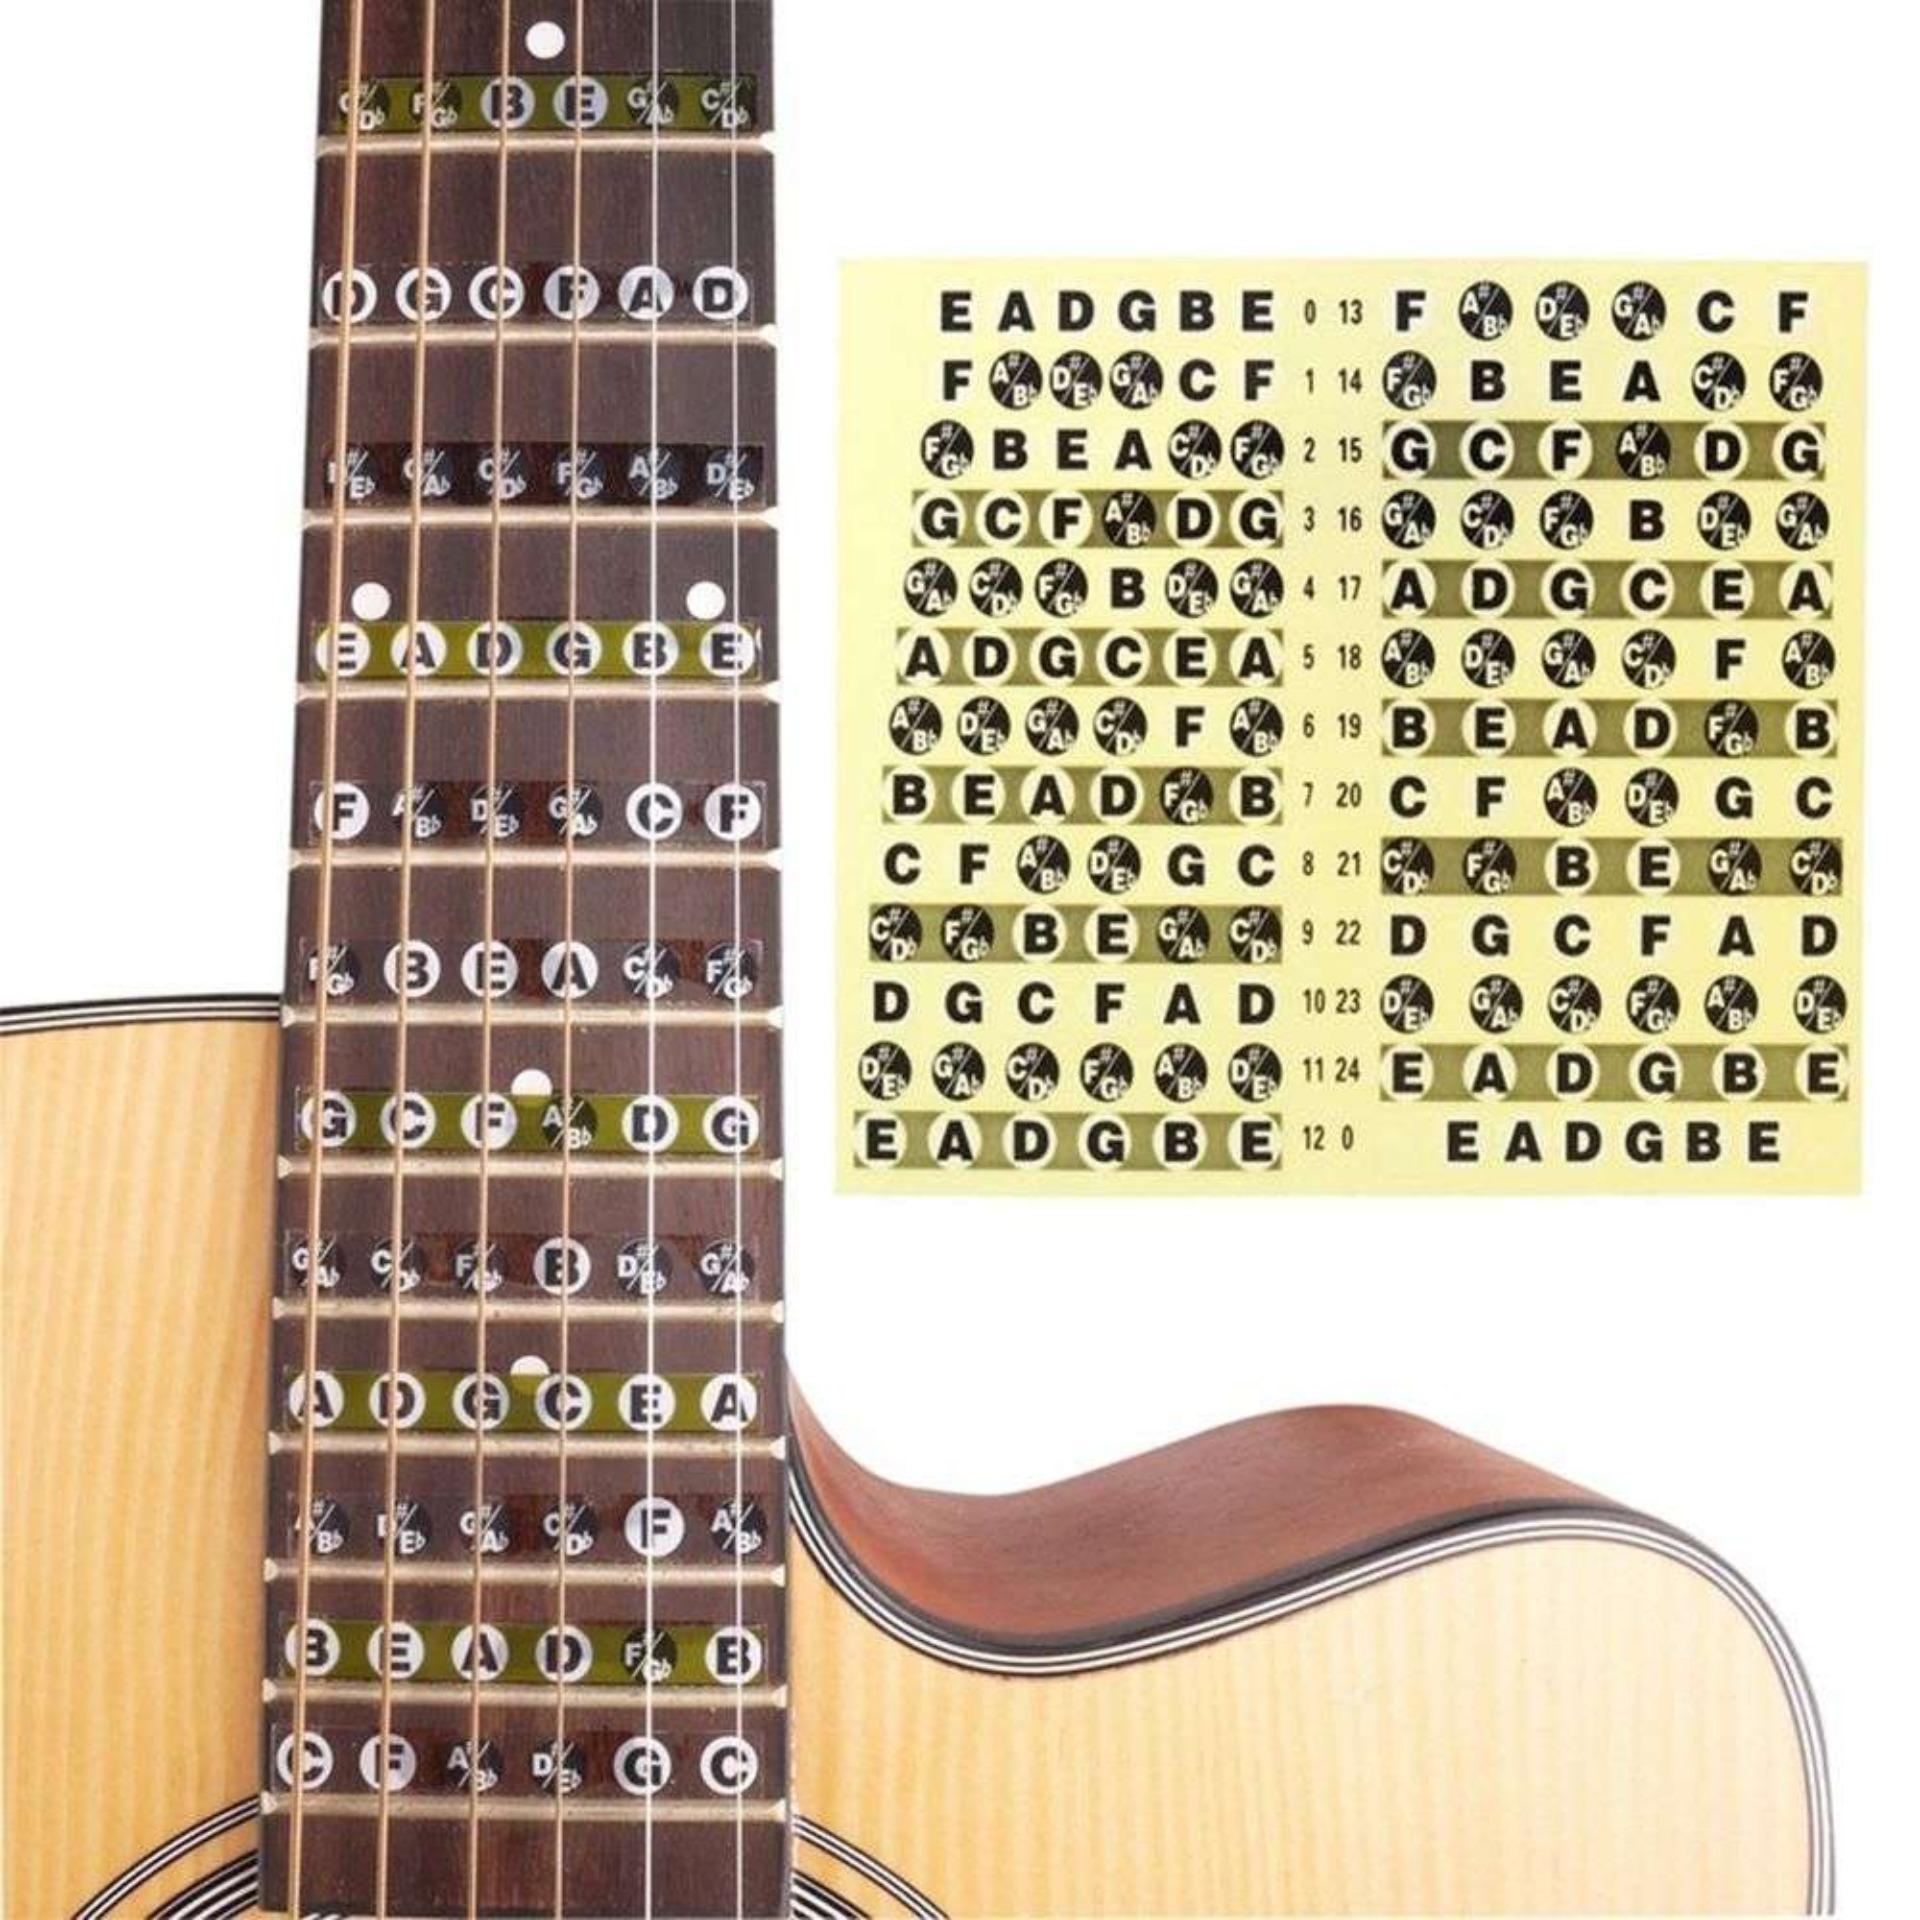 Offer Giảm Giá GUITAR Note Sticker - MIẾNG DÁN ĐÁNH DẤU VỊ TRÍ NỐT NHẠC TRÊN ĐÀN GUITAR NOTE Decal